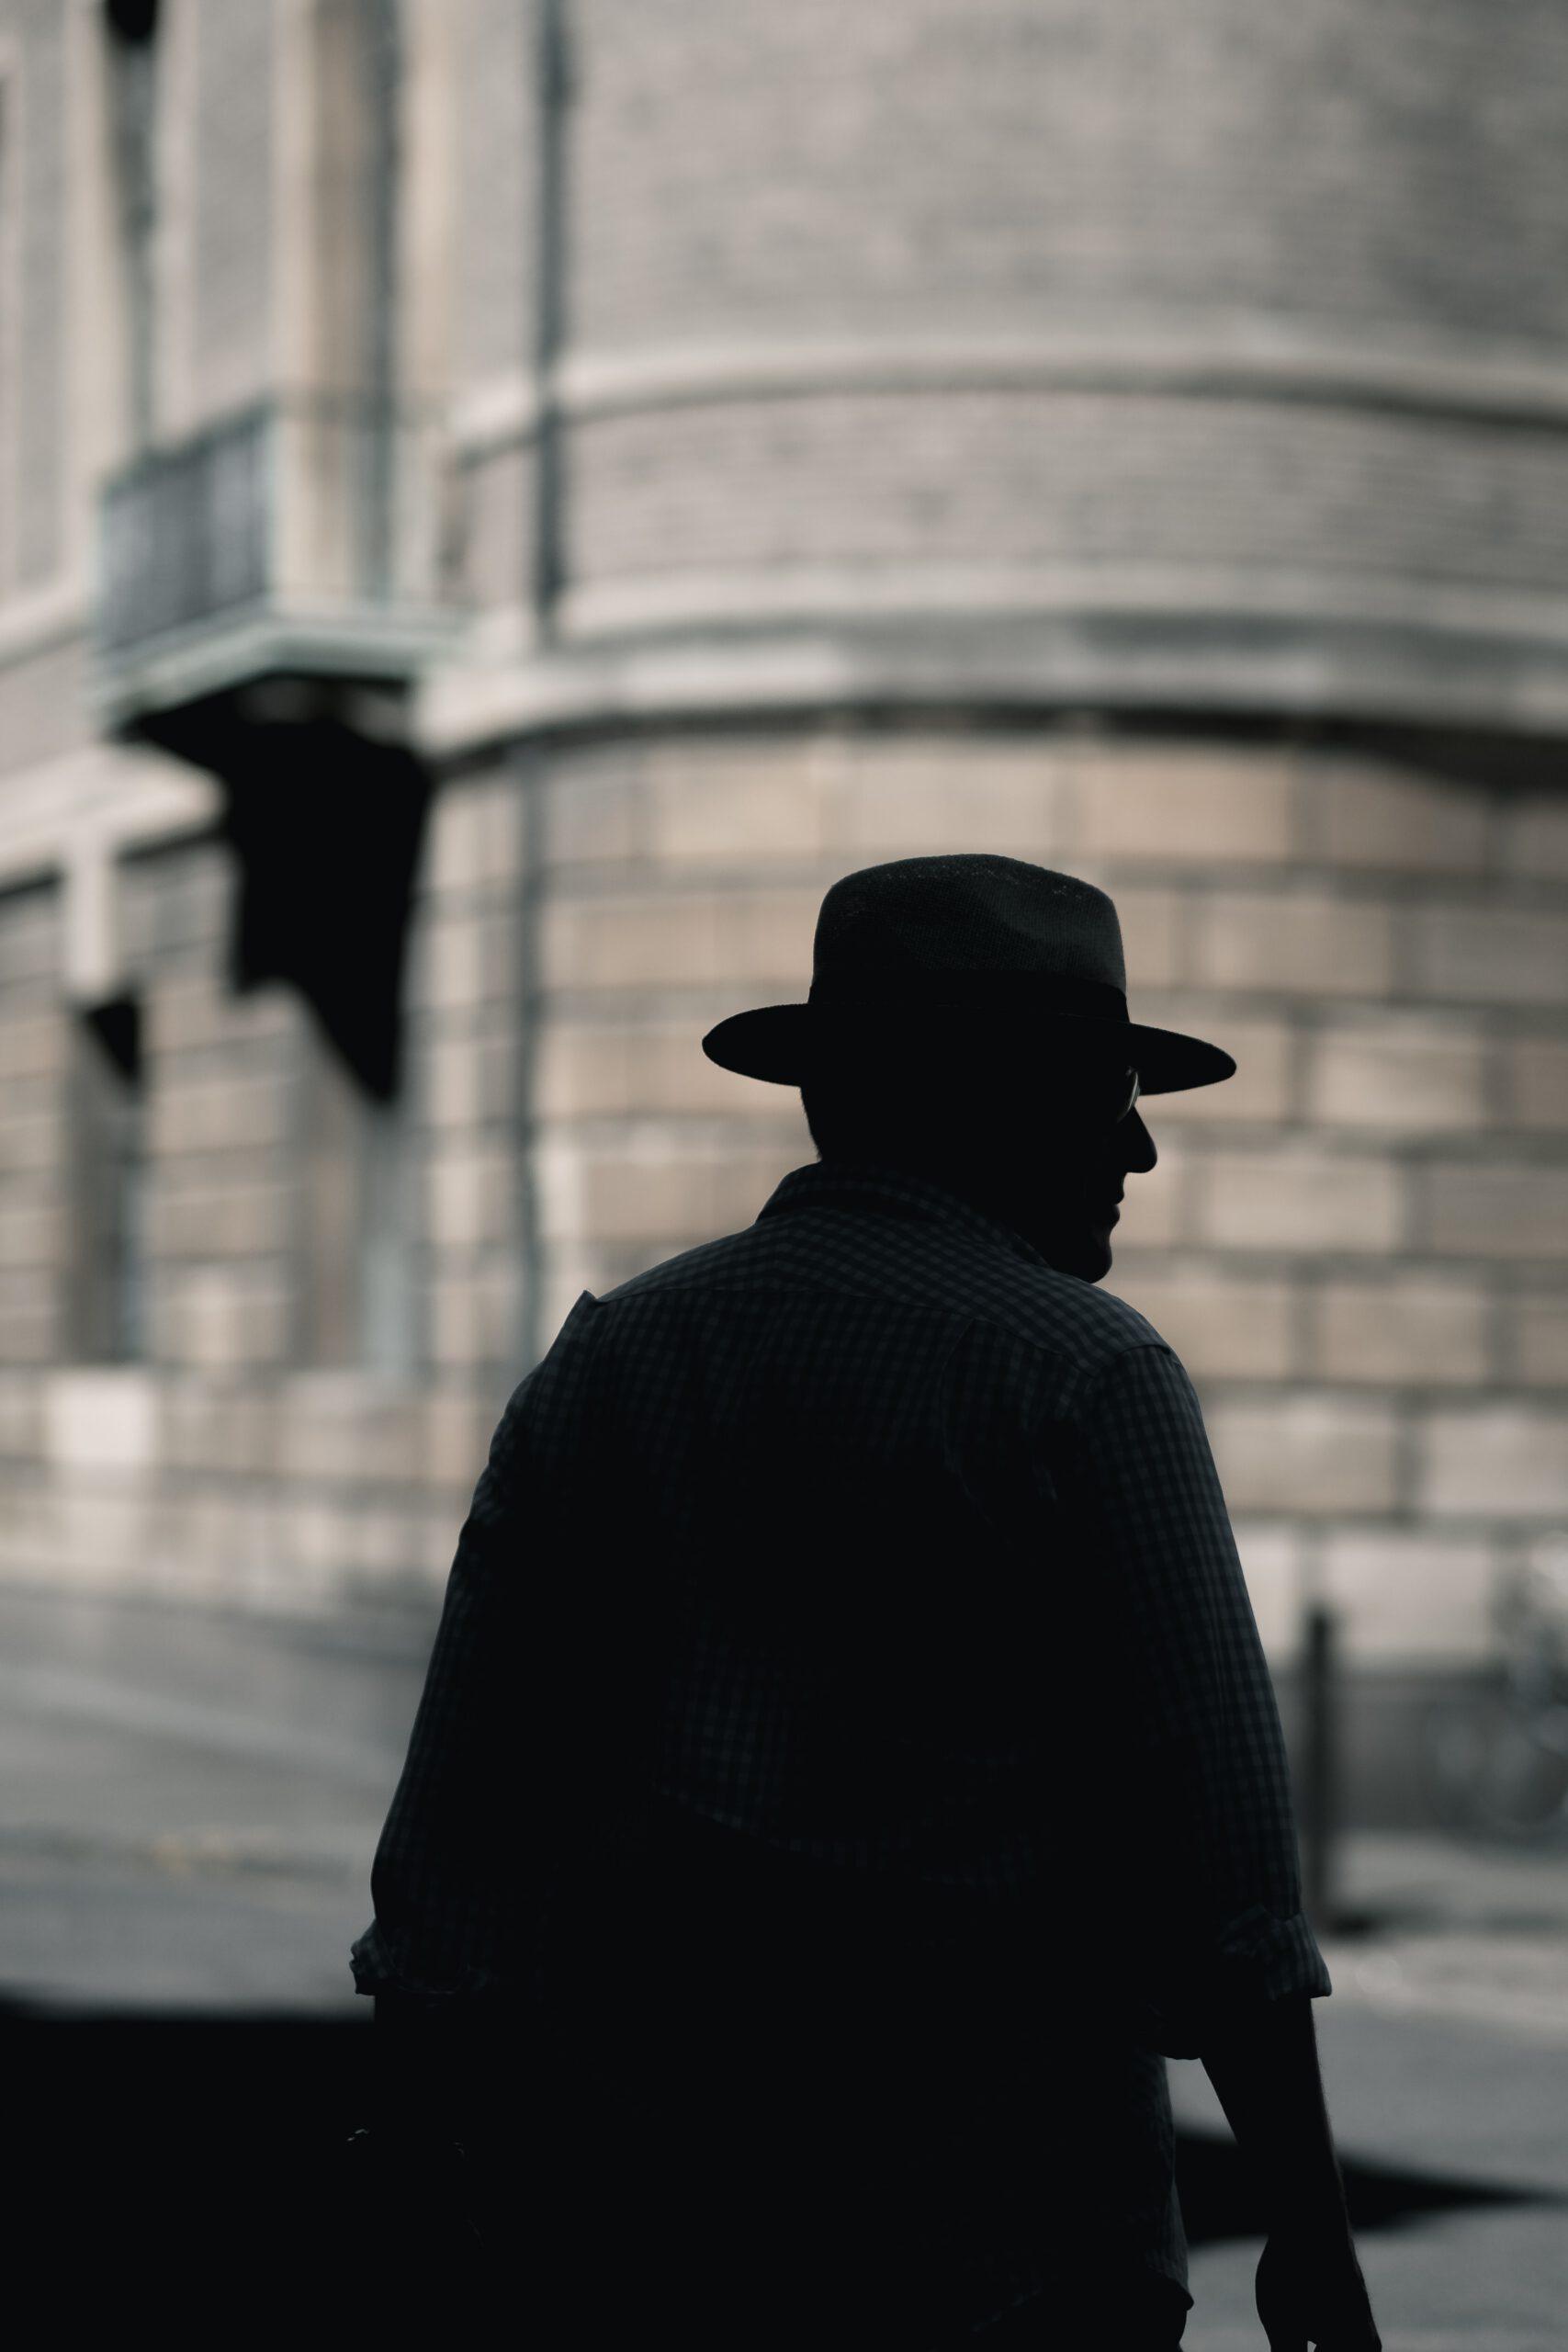 Kim jest detektyw?